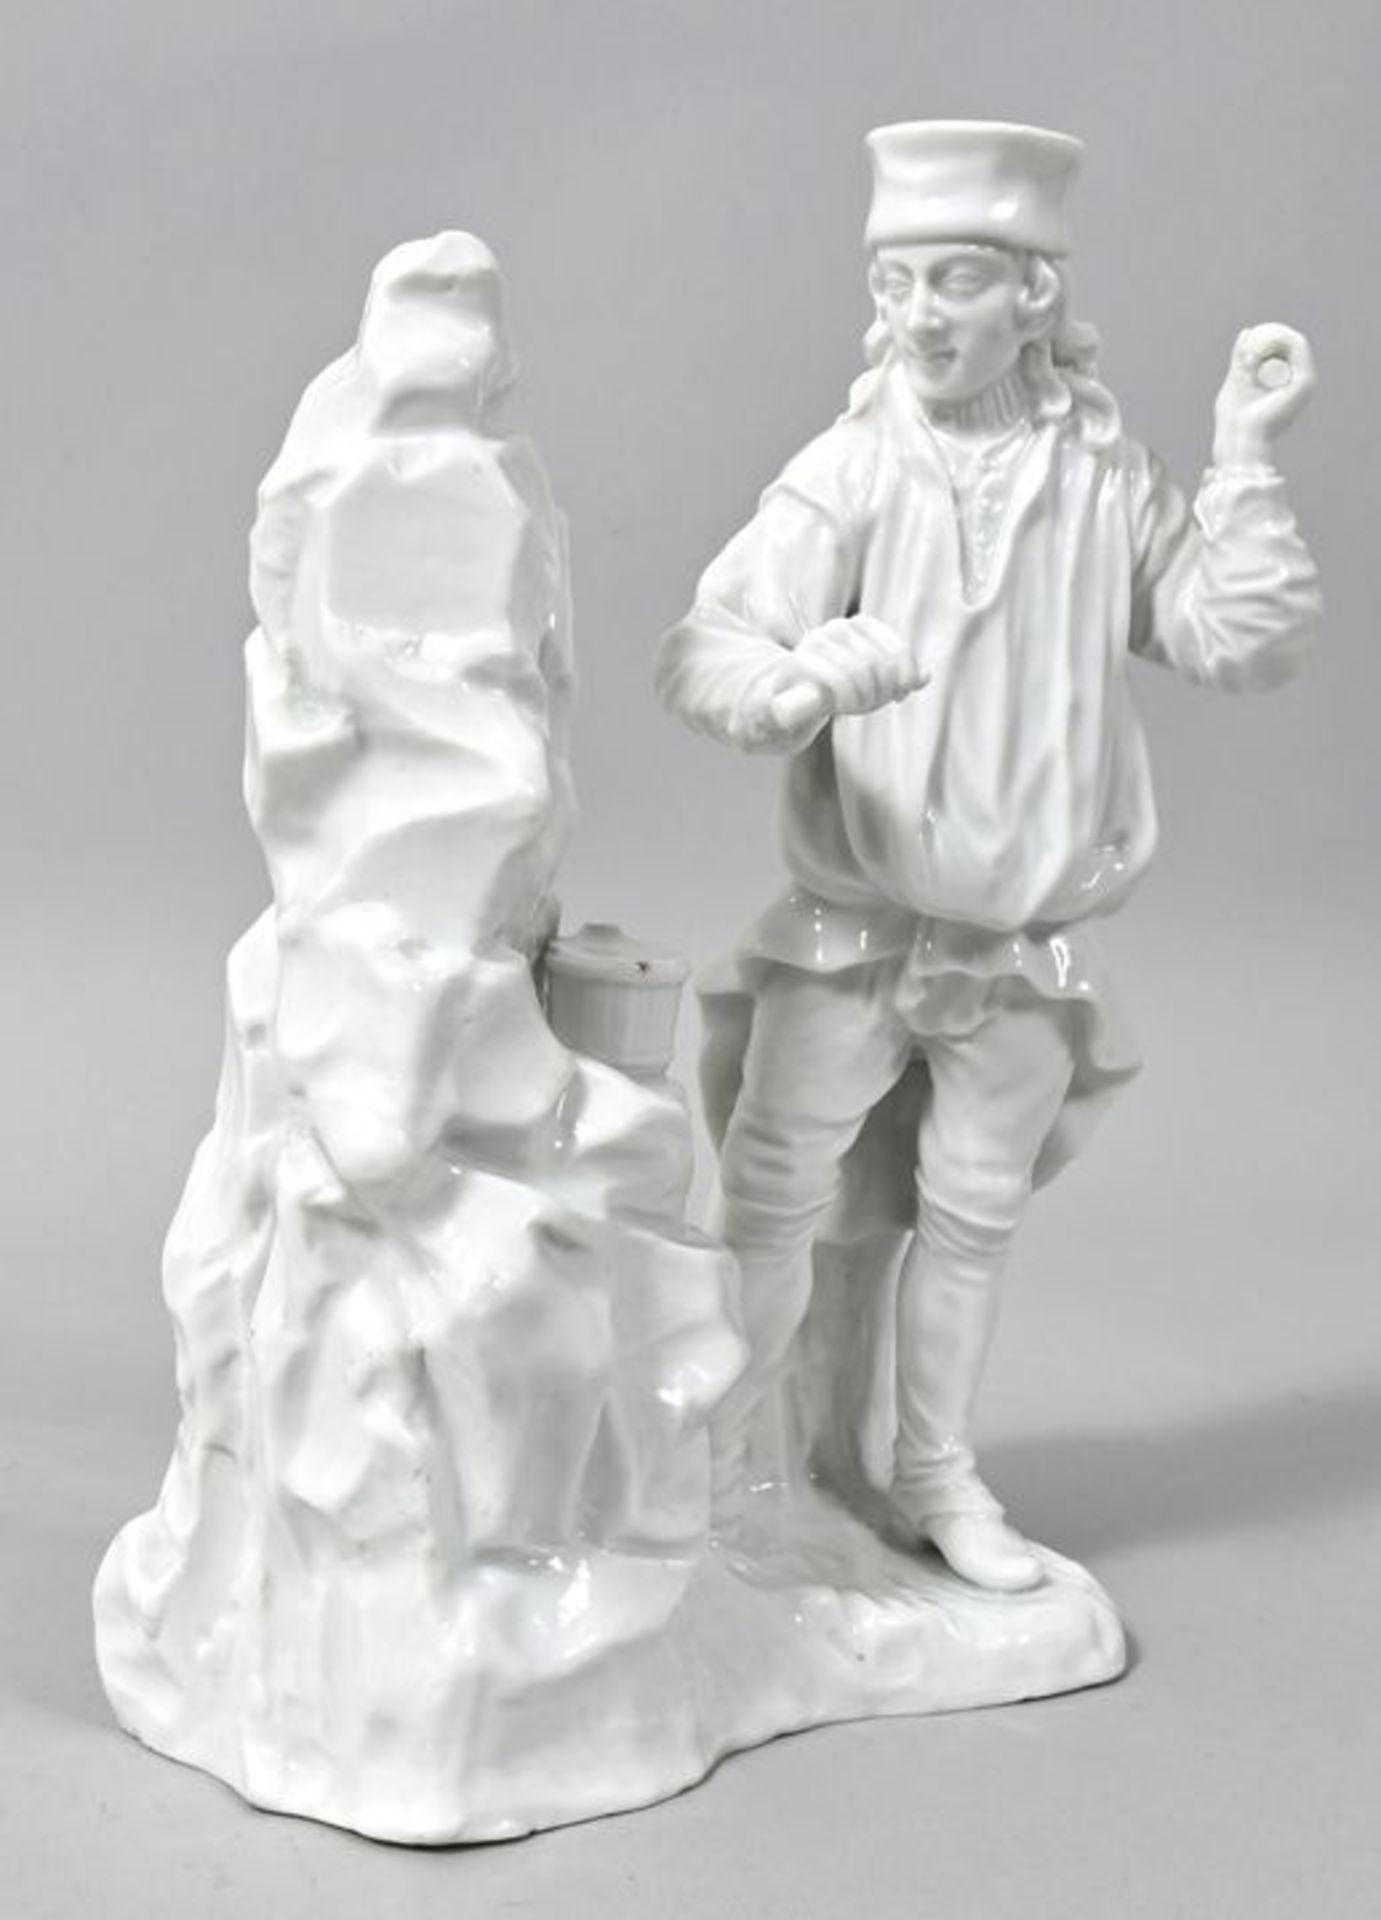 Porzellanfigur Einmannbohrer, Fürstenberg, 2. H. 18. Jh.Modell Simon Feilner, aus der Serie